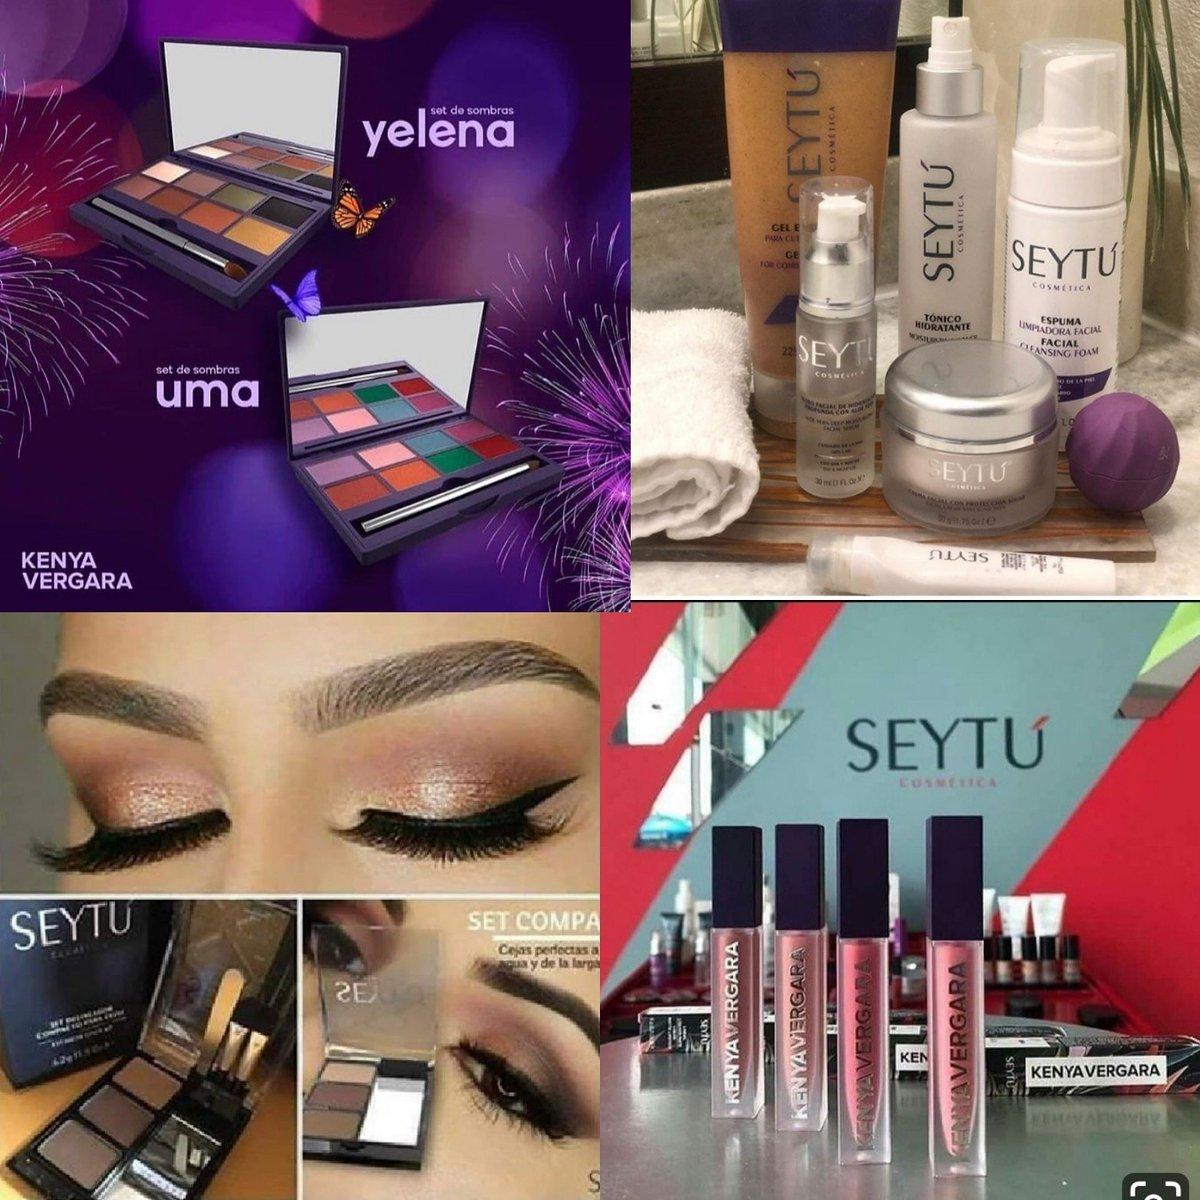 Resalta tu propia belleza con nuestra línea cosmética natural e hipoalergénica. Una vez q la pruebas no la podrás dejar  #seytú #cosmeticanatural pic.twitter.com/Gx1NyXgoPM